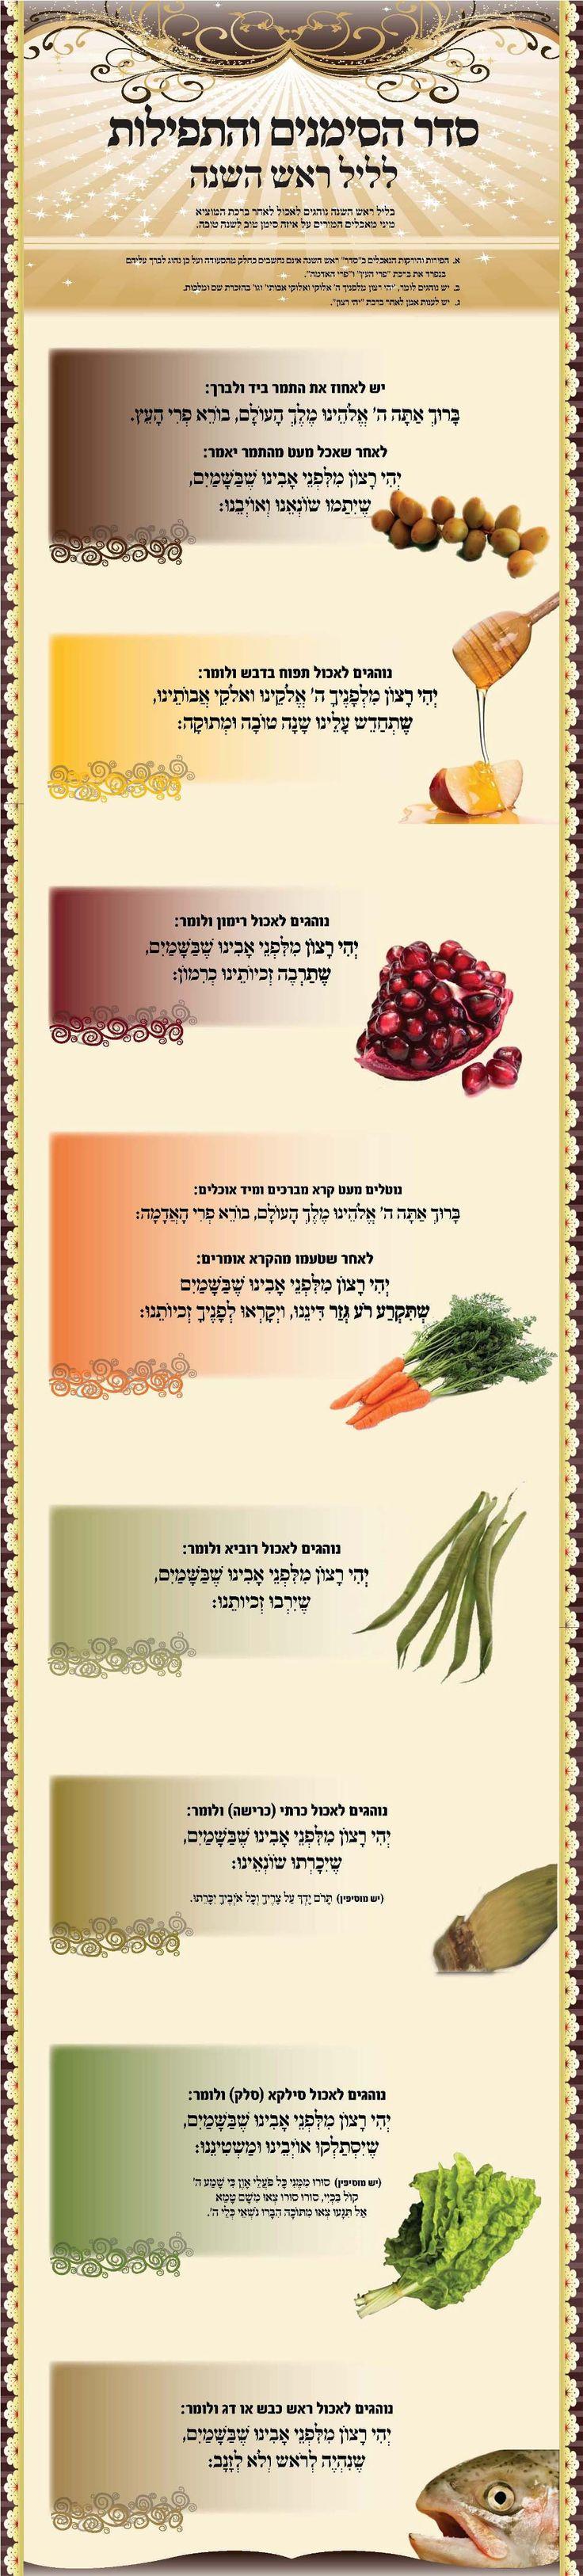 20 legjobb tlet a pinteresten a kvetkezvel kapcsolatban rosh rosh hashana simanim prayers biocorpaavc